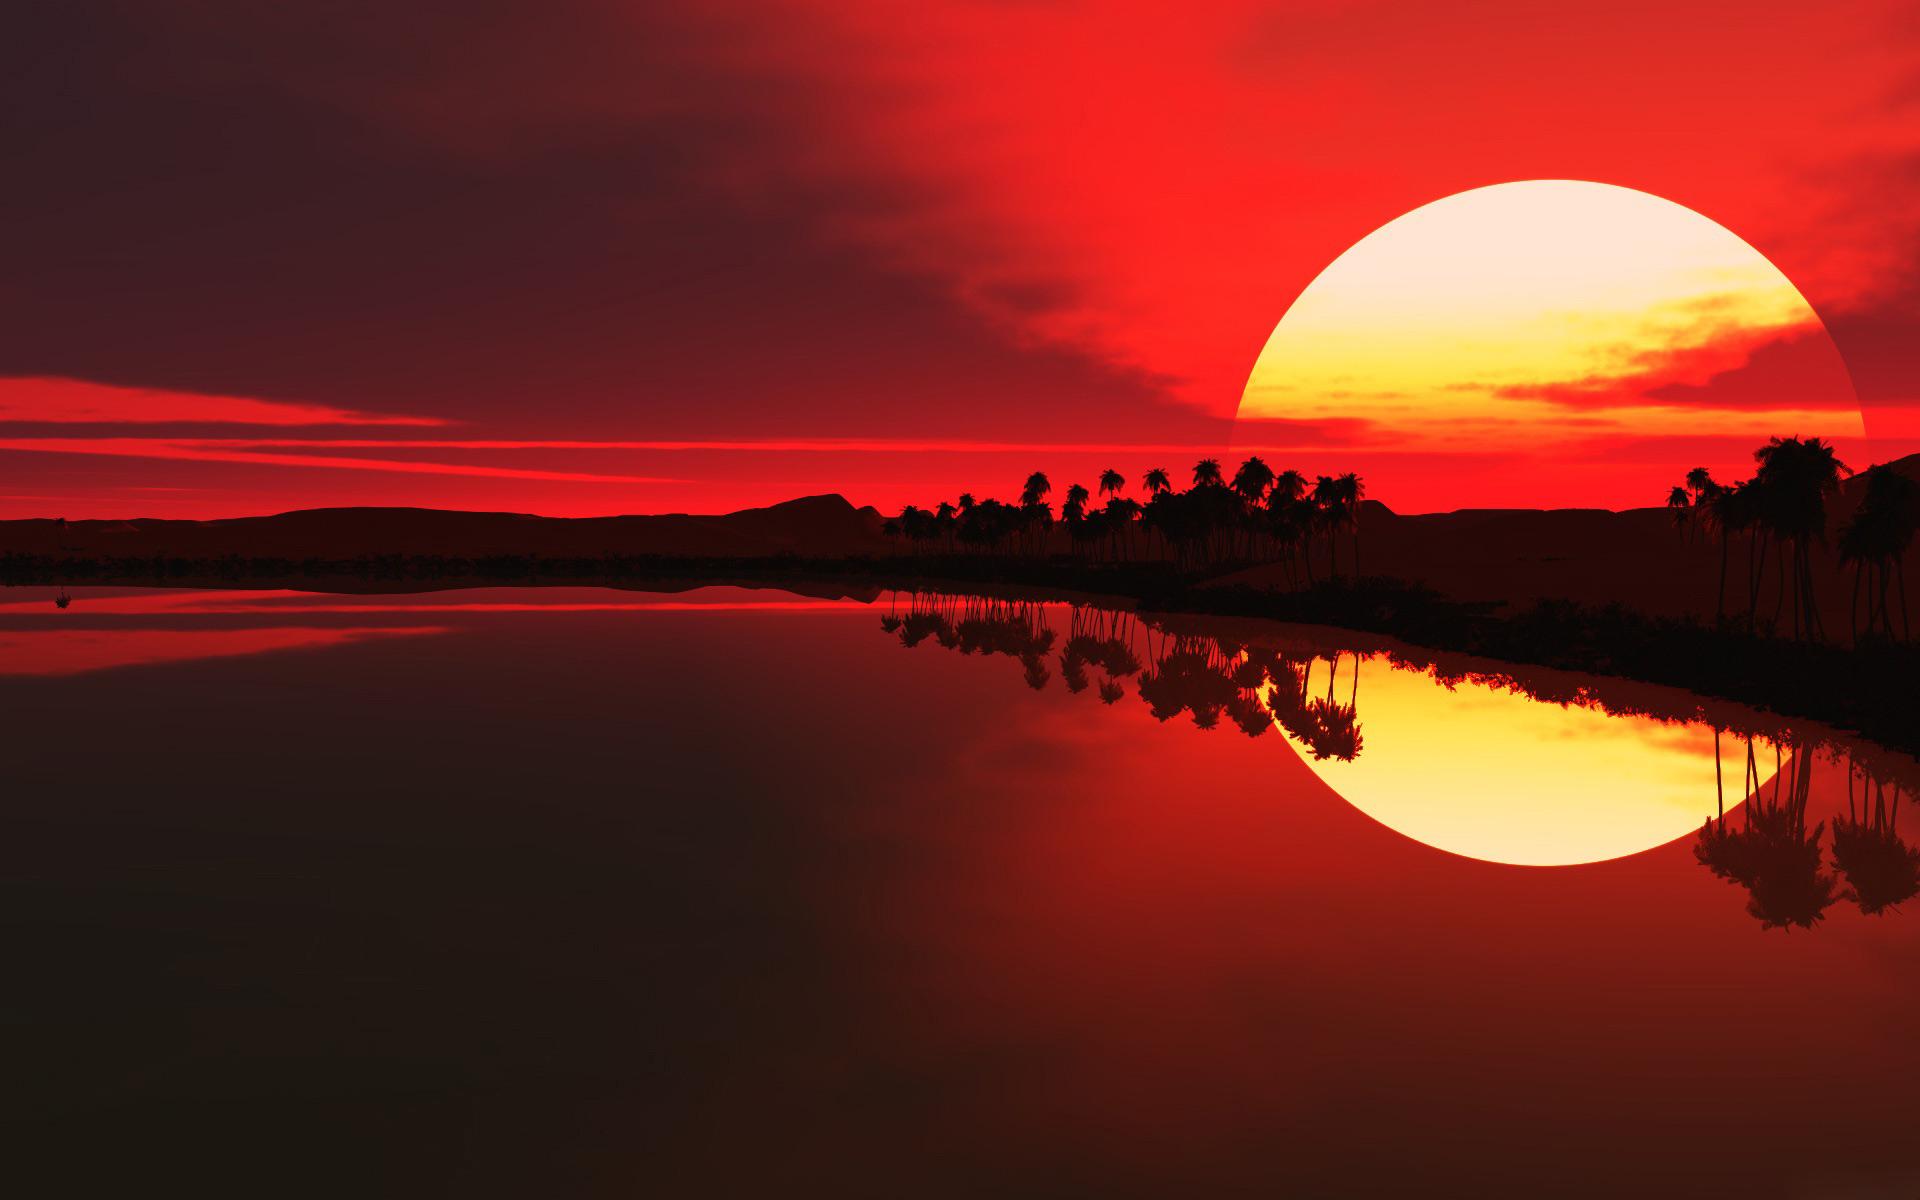 African-Sunset-Desktop-Wallpaper